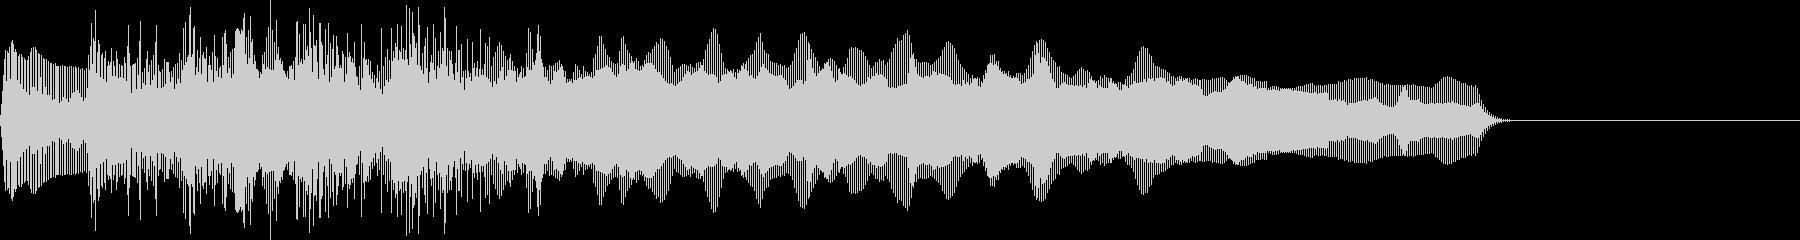 お馴染みのインパクト音!レゲエホーン5回の未再生の波形